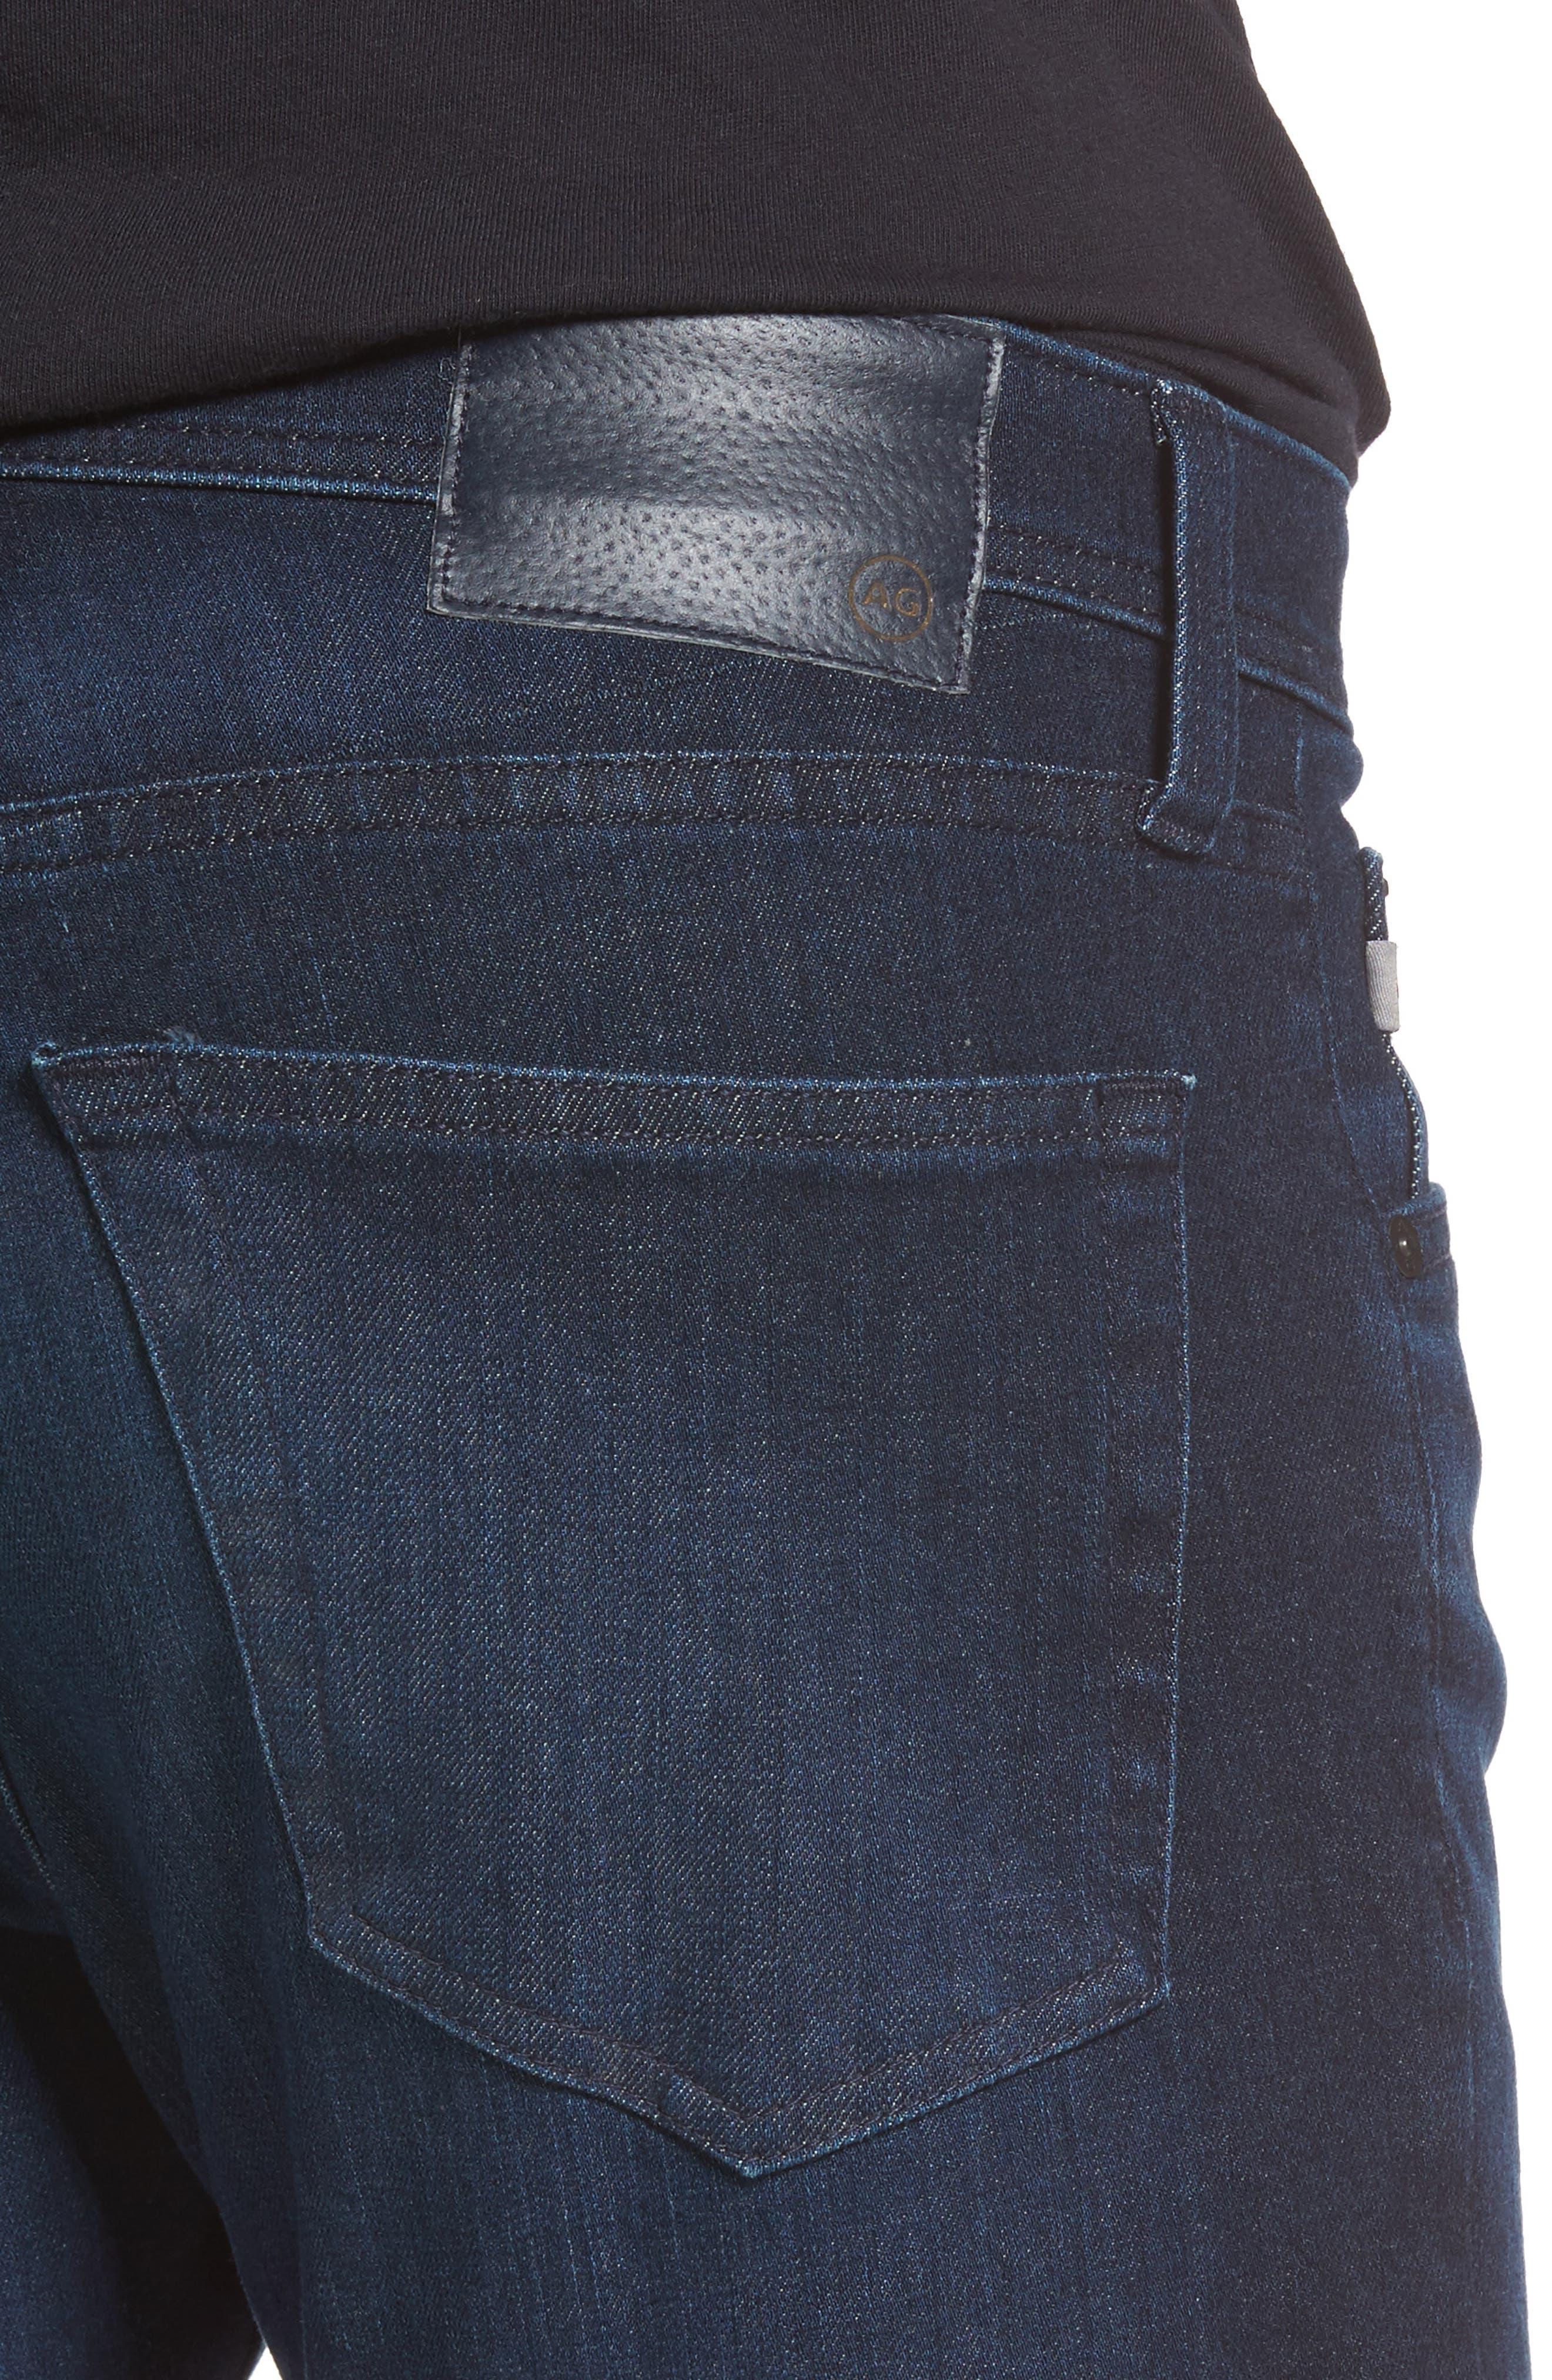 Stockton Skinny Fit Jeans,                             Alternate thumbnail 4, color,                             482